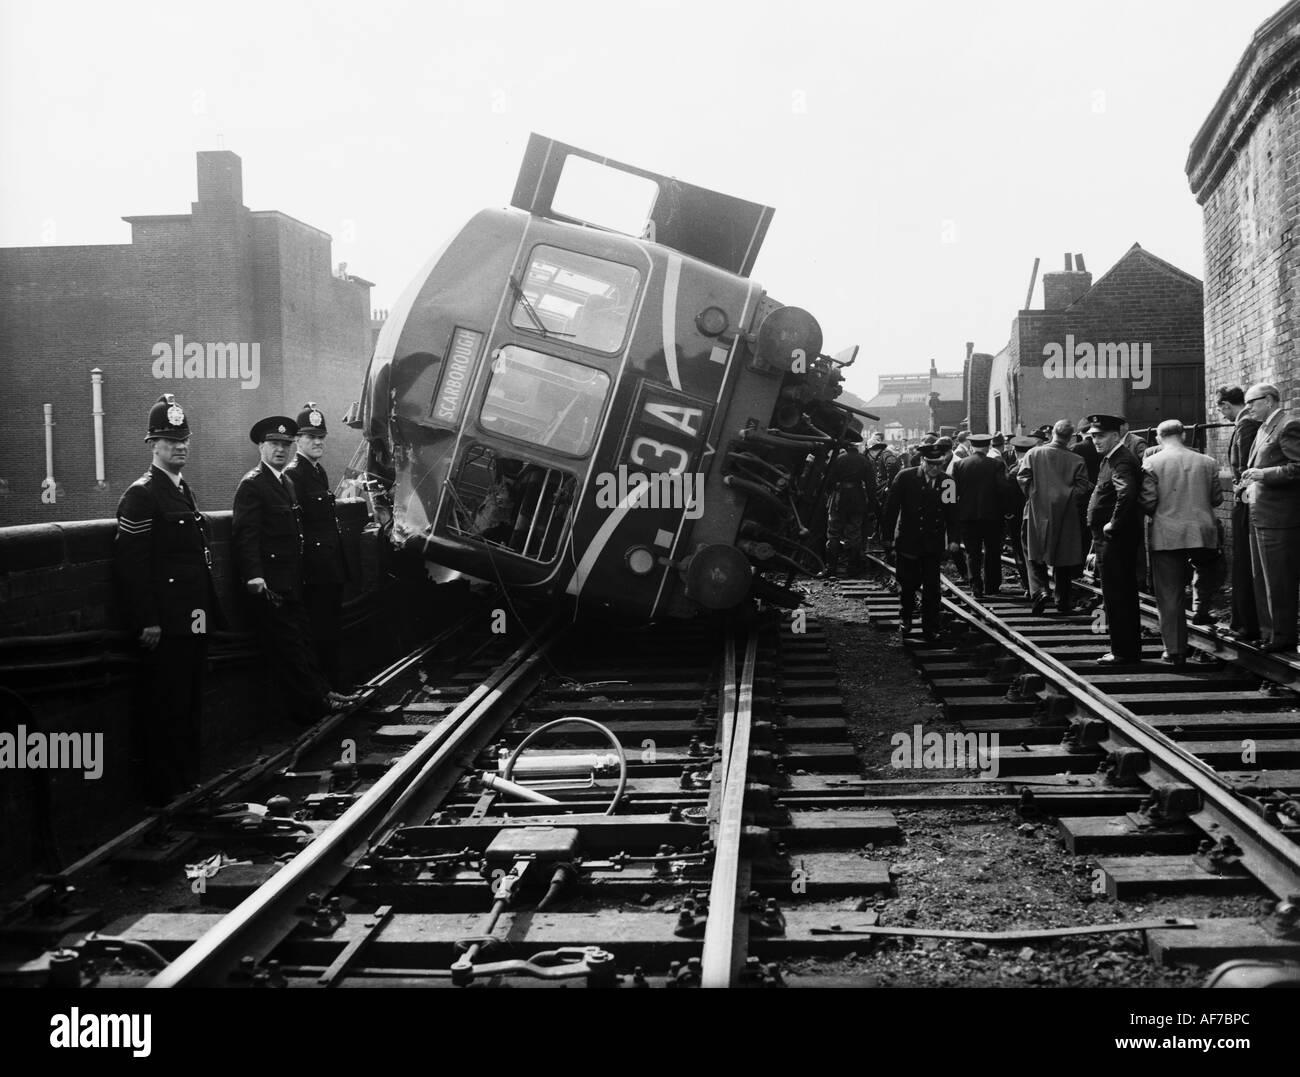 Vintage photographie en noir et blanc d'une foule de personnes y compris l'affichage de la police de locomotive a déraillé sur le côté incliné. Photo Stock